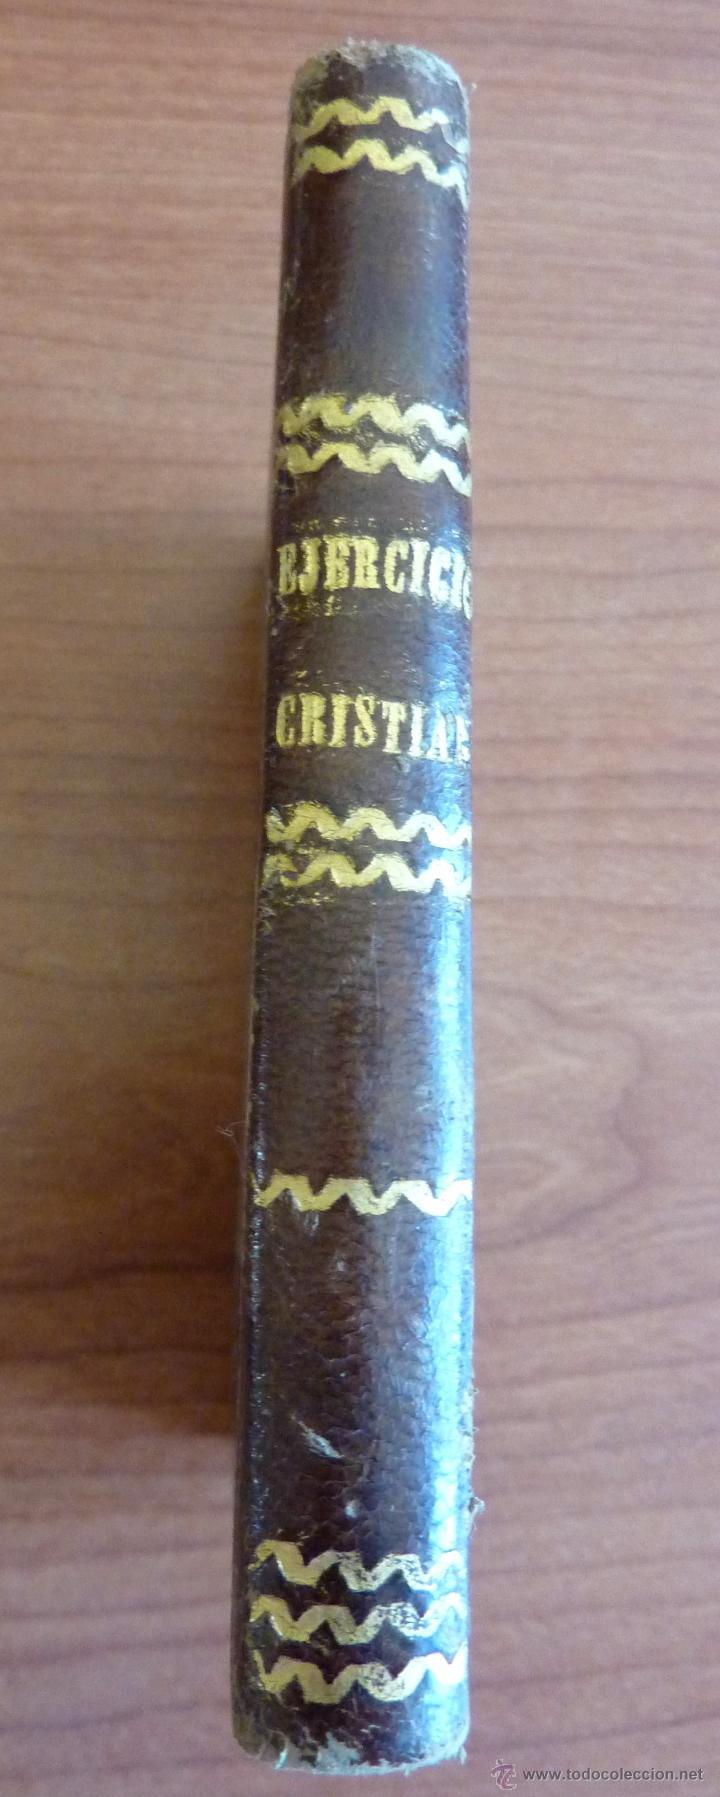 EJERCICIO CRISTIANO O METODO MUY PROVECHOSO PARA....... MAYO 1849 (Libros Antiguos, Raros y Curiosos - Religión)